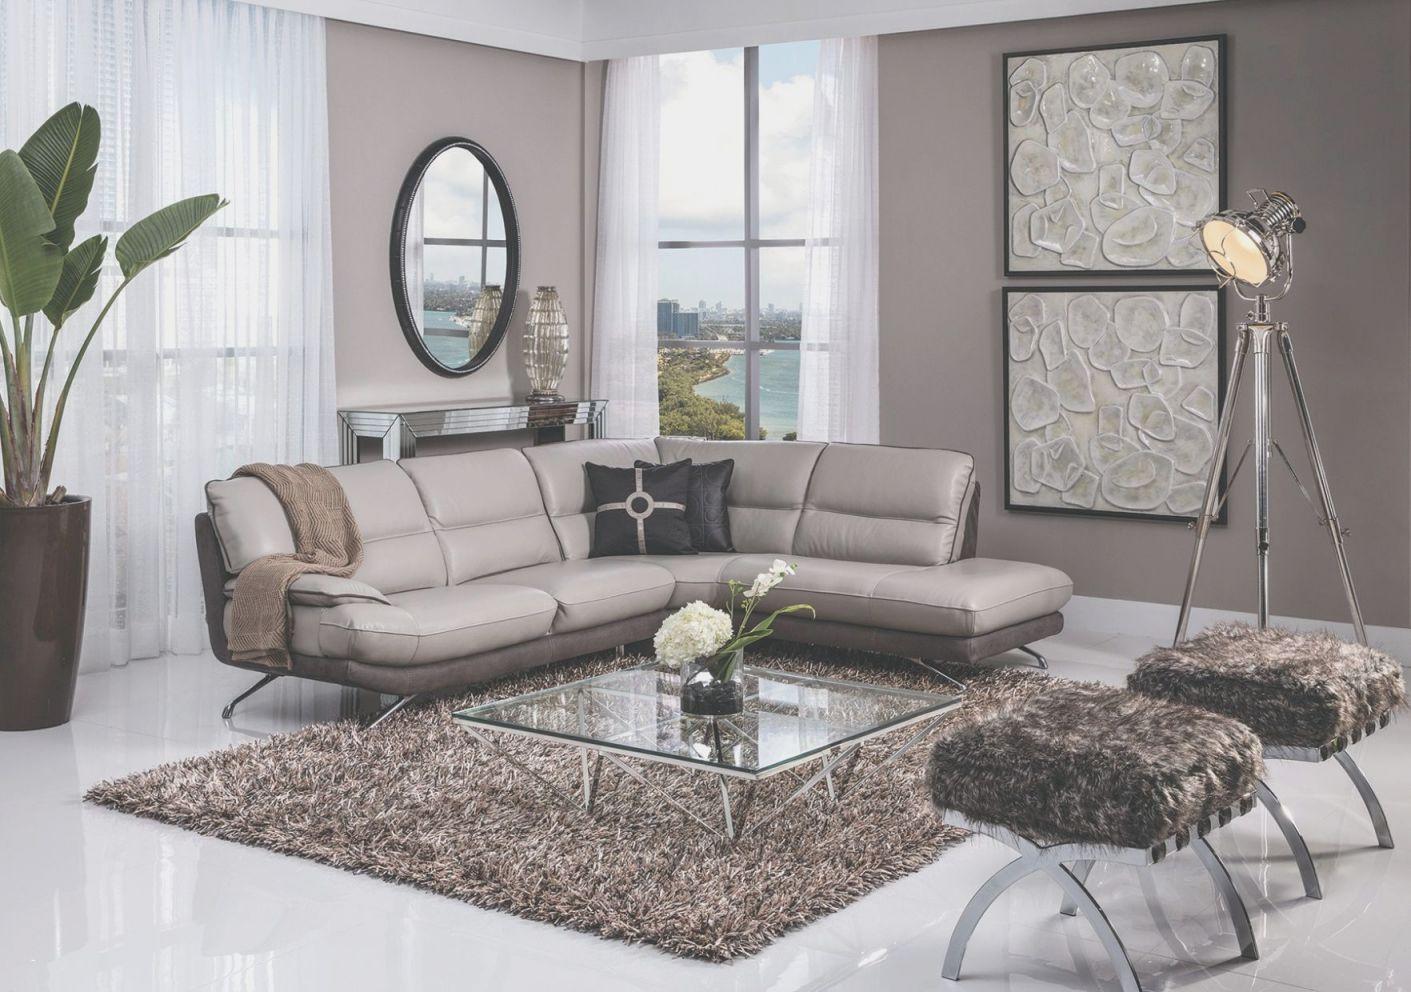 luxury el dorado furniture living room